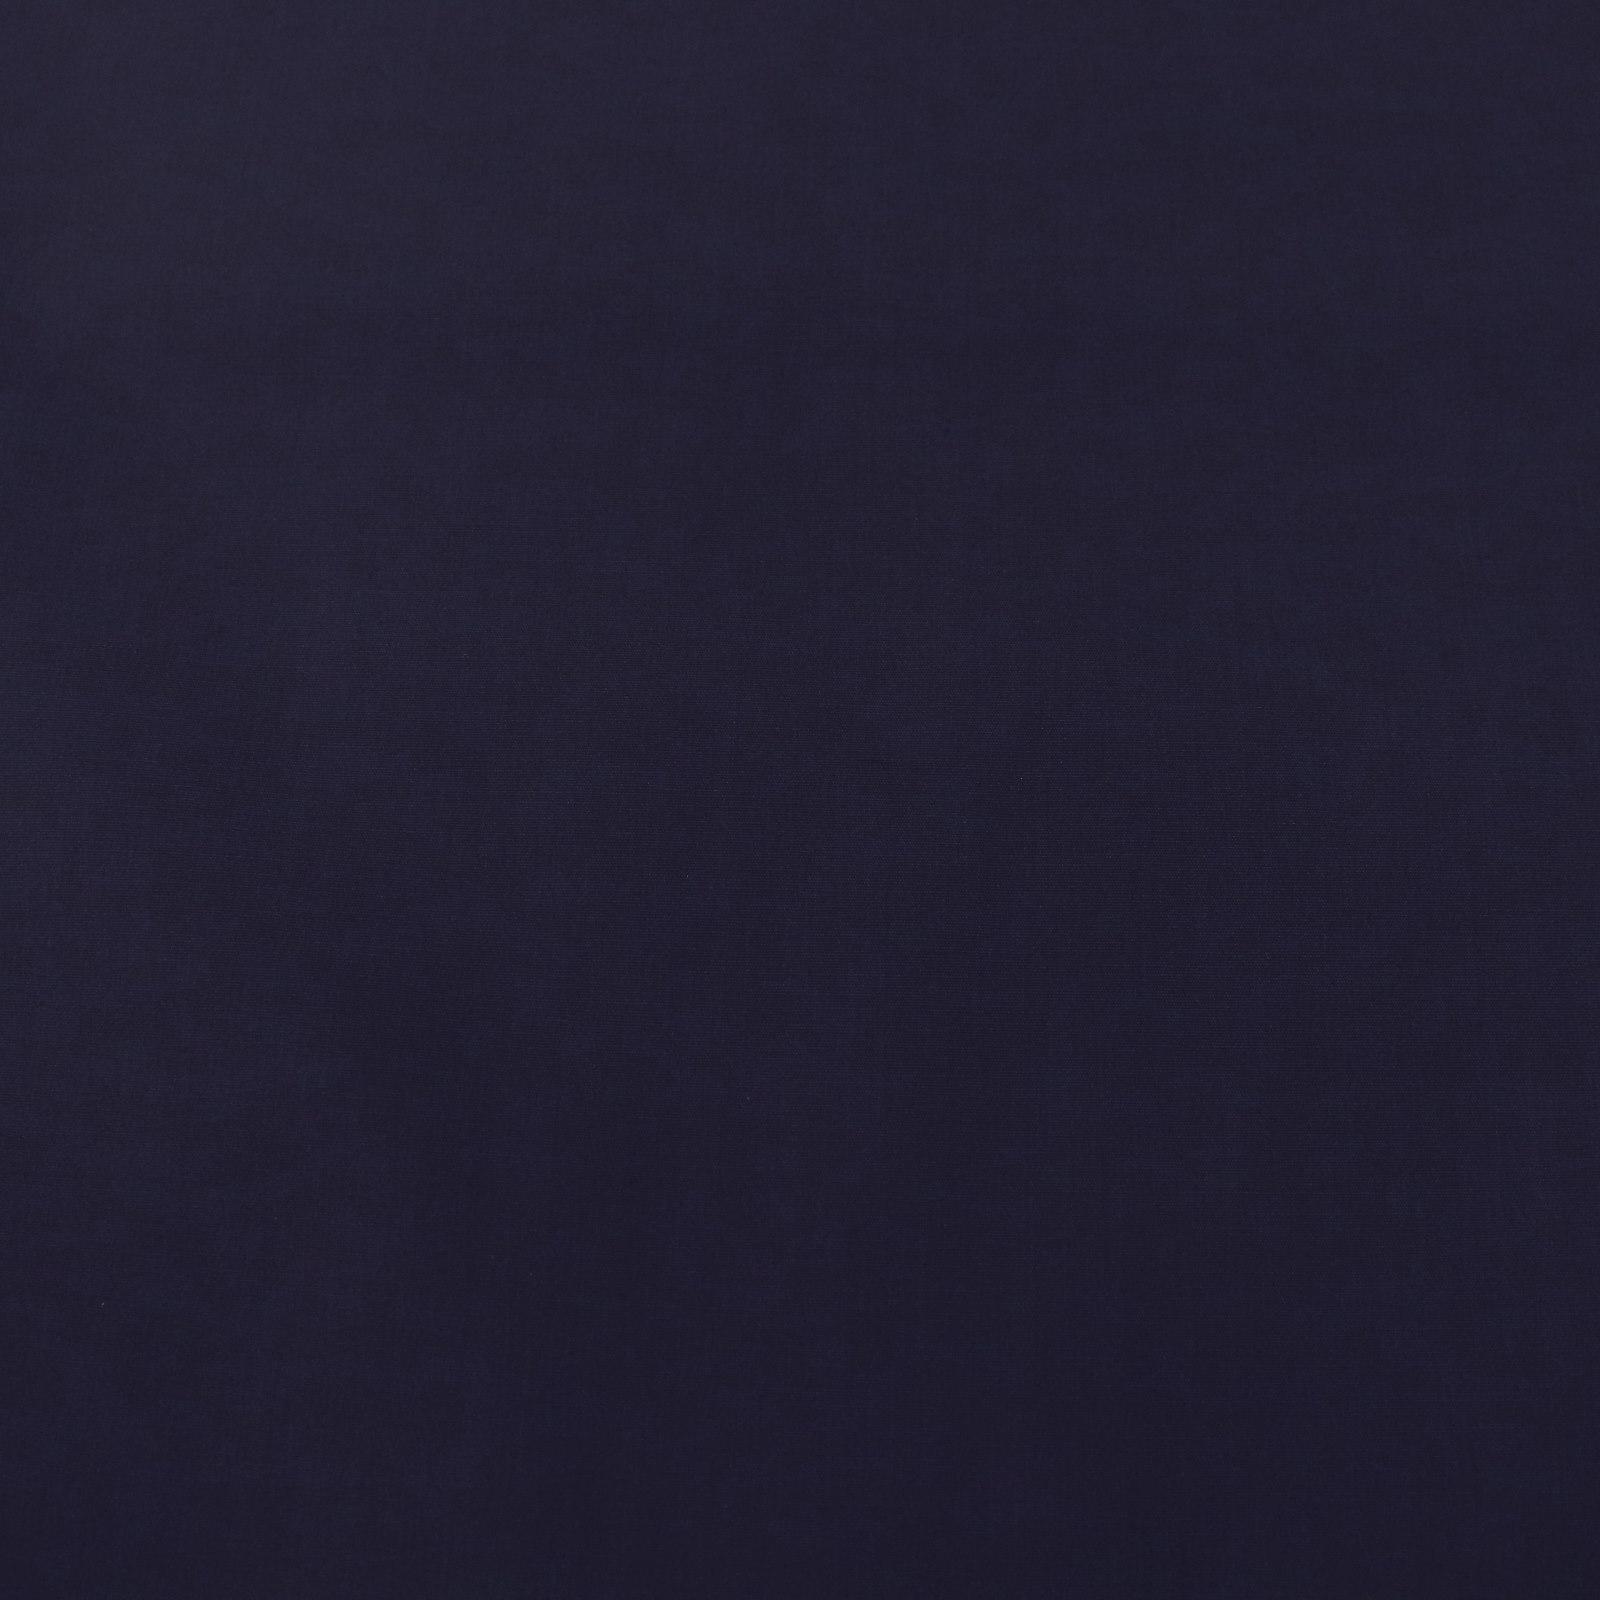 生地 【抗菌・抗ウイルス】クレンゼ TCブロード生地